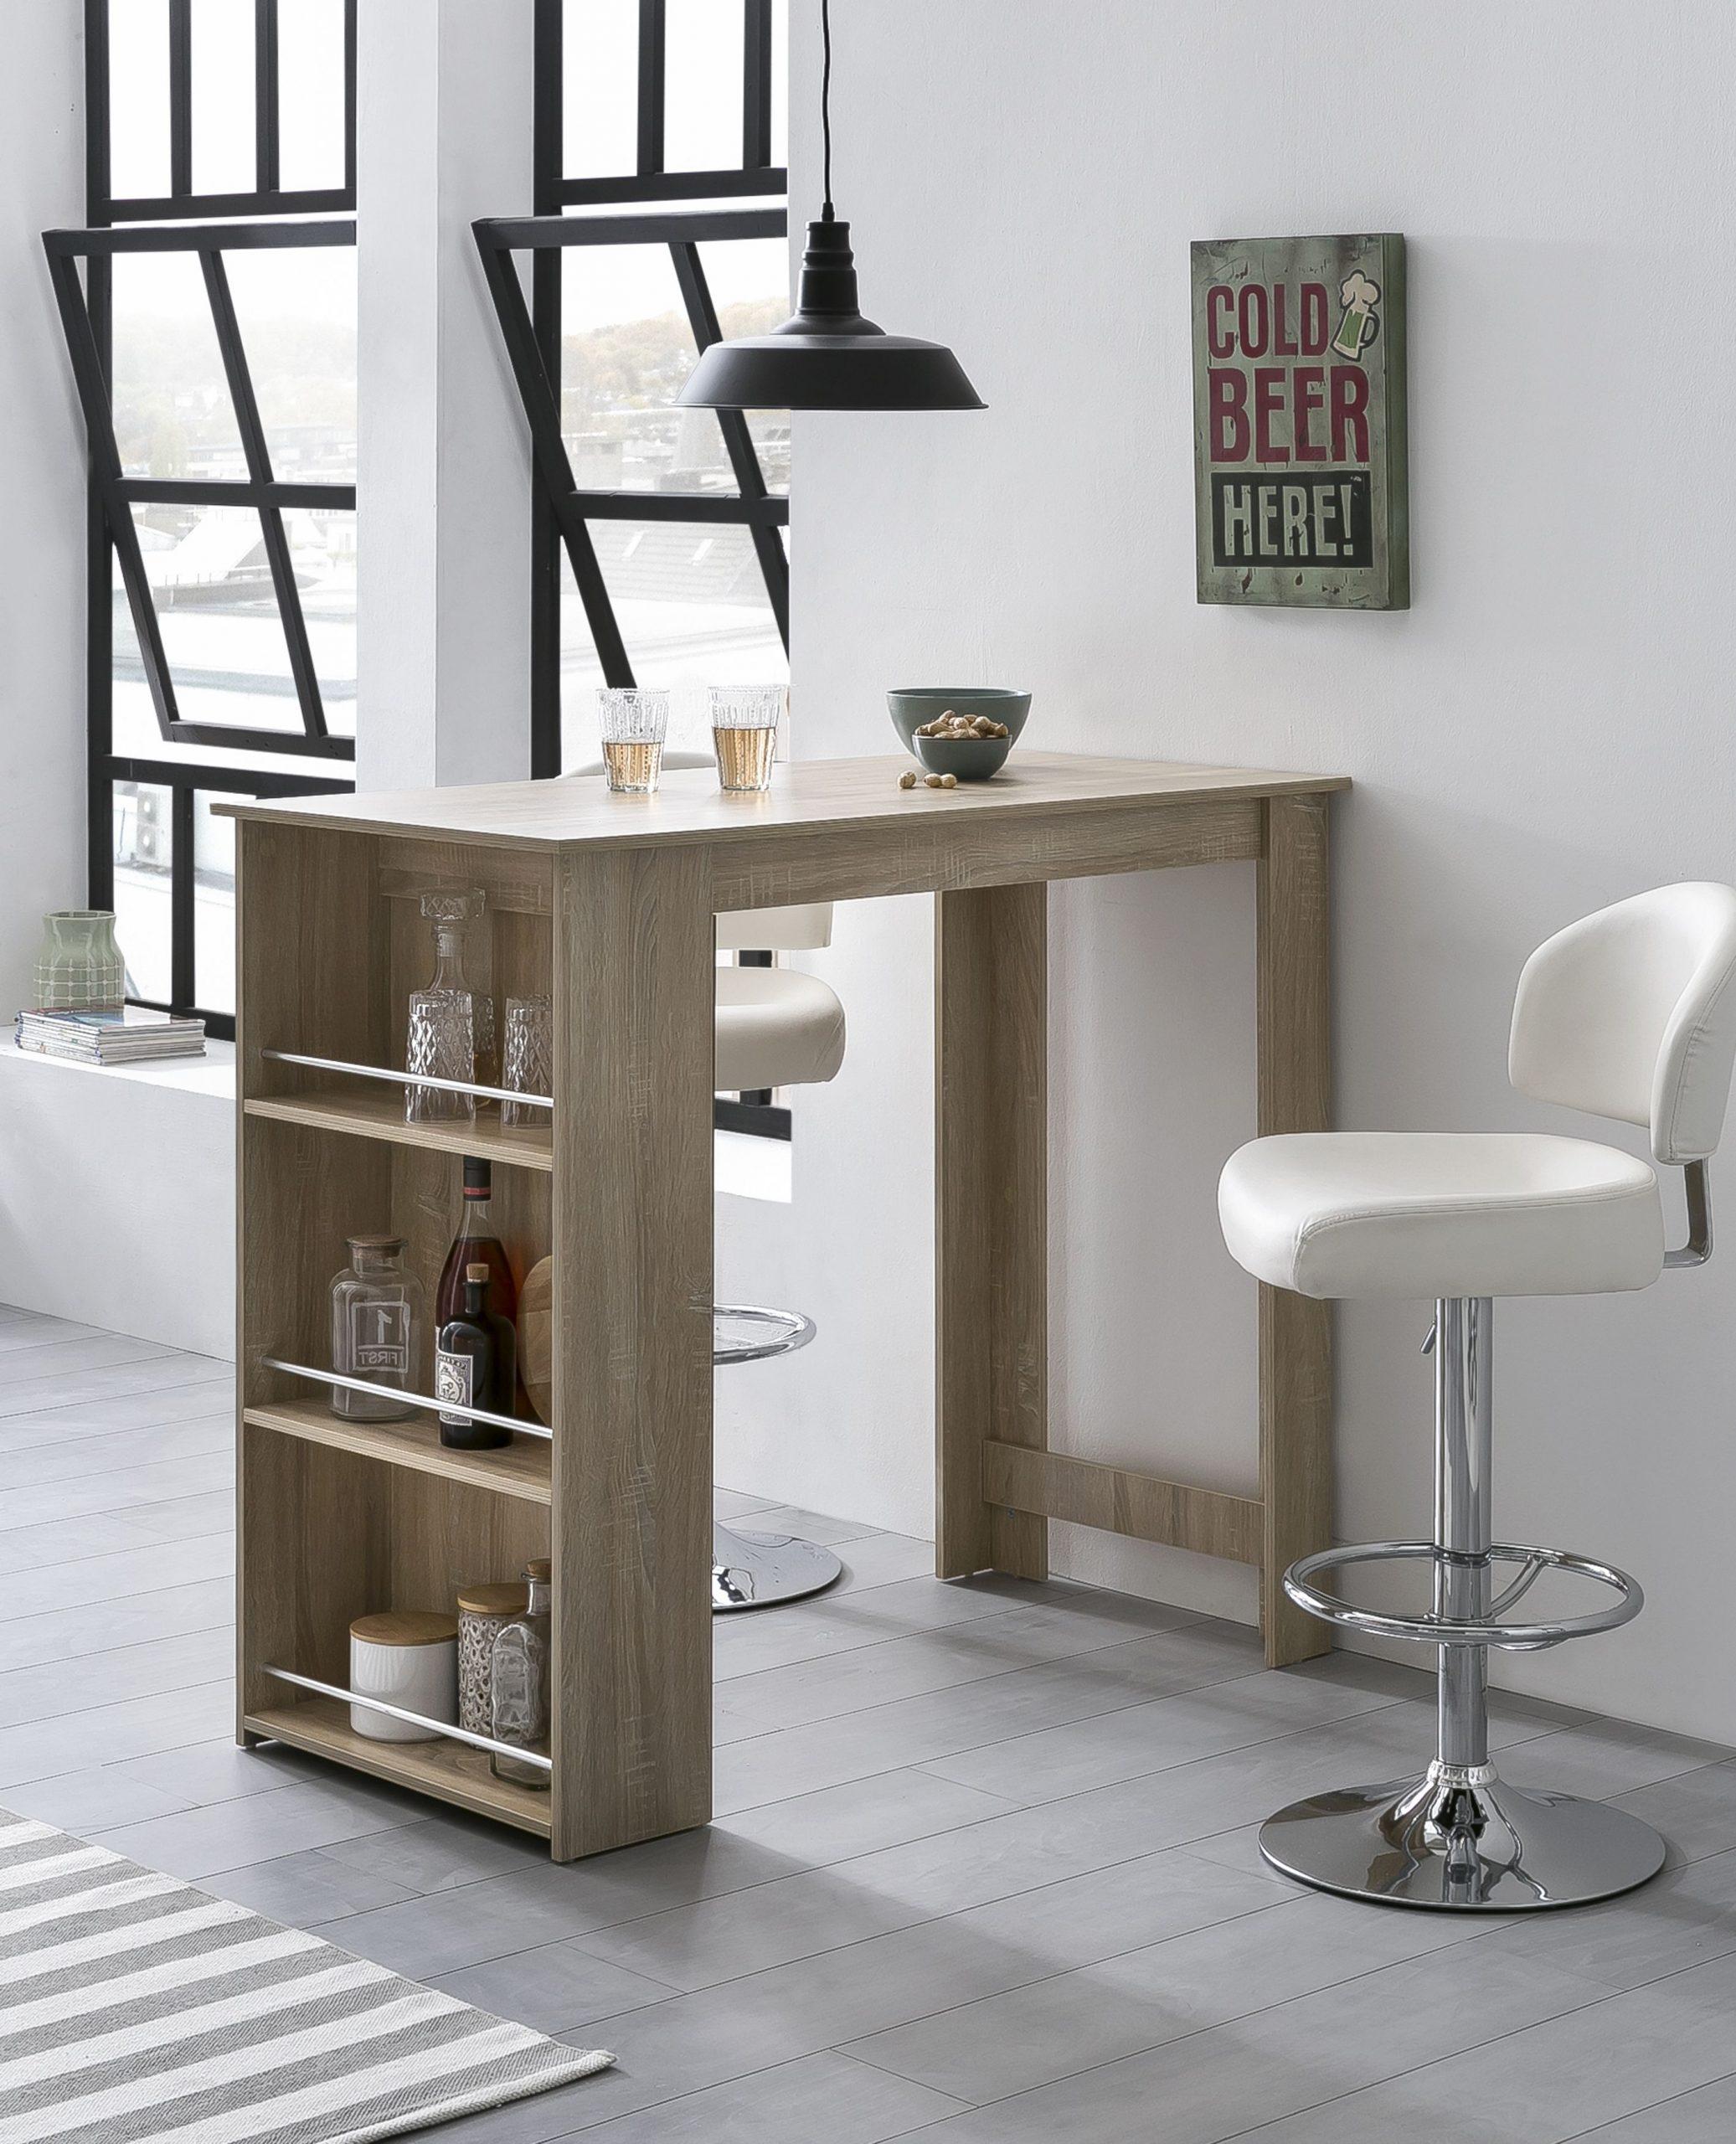 Full Size of Küchenbartisch Stehtisch Wohnzimmer Küchenbartisch